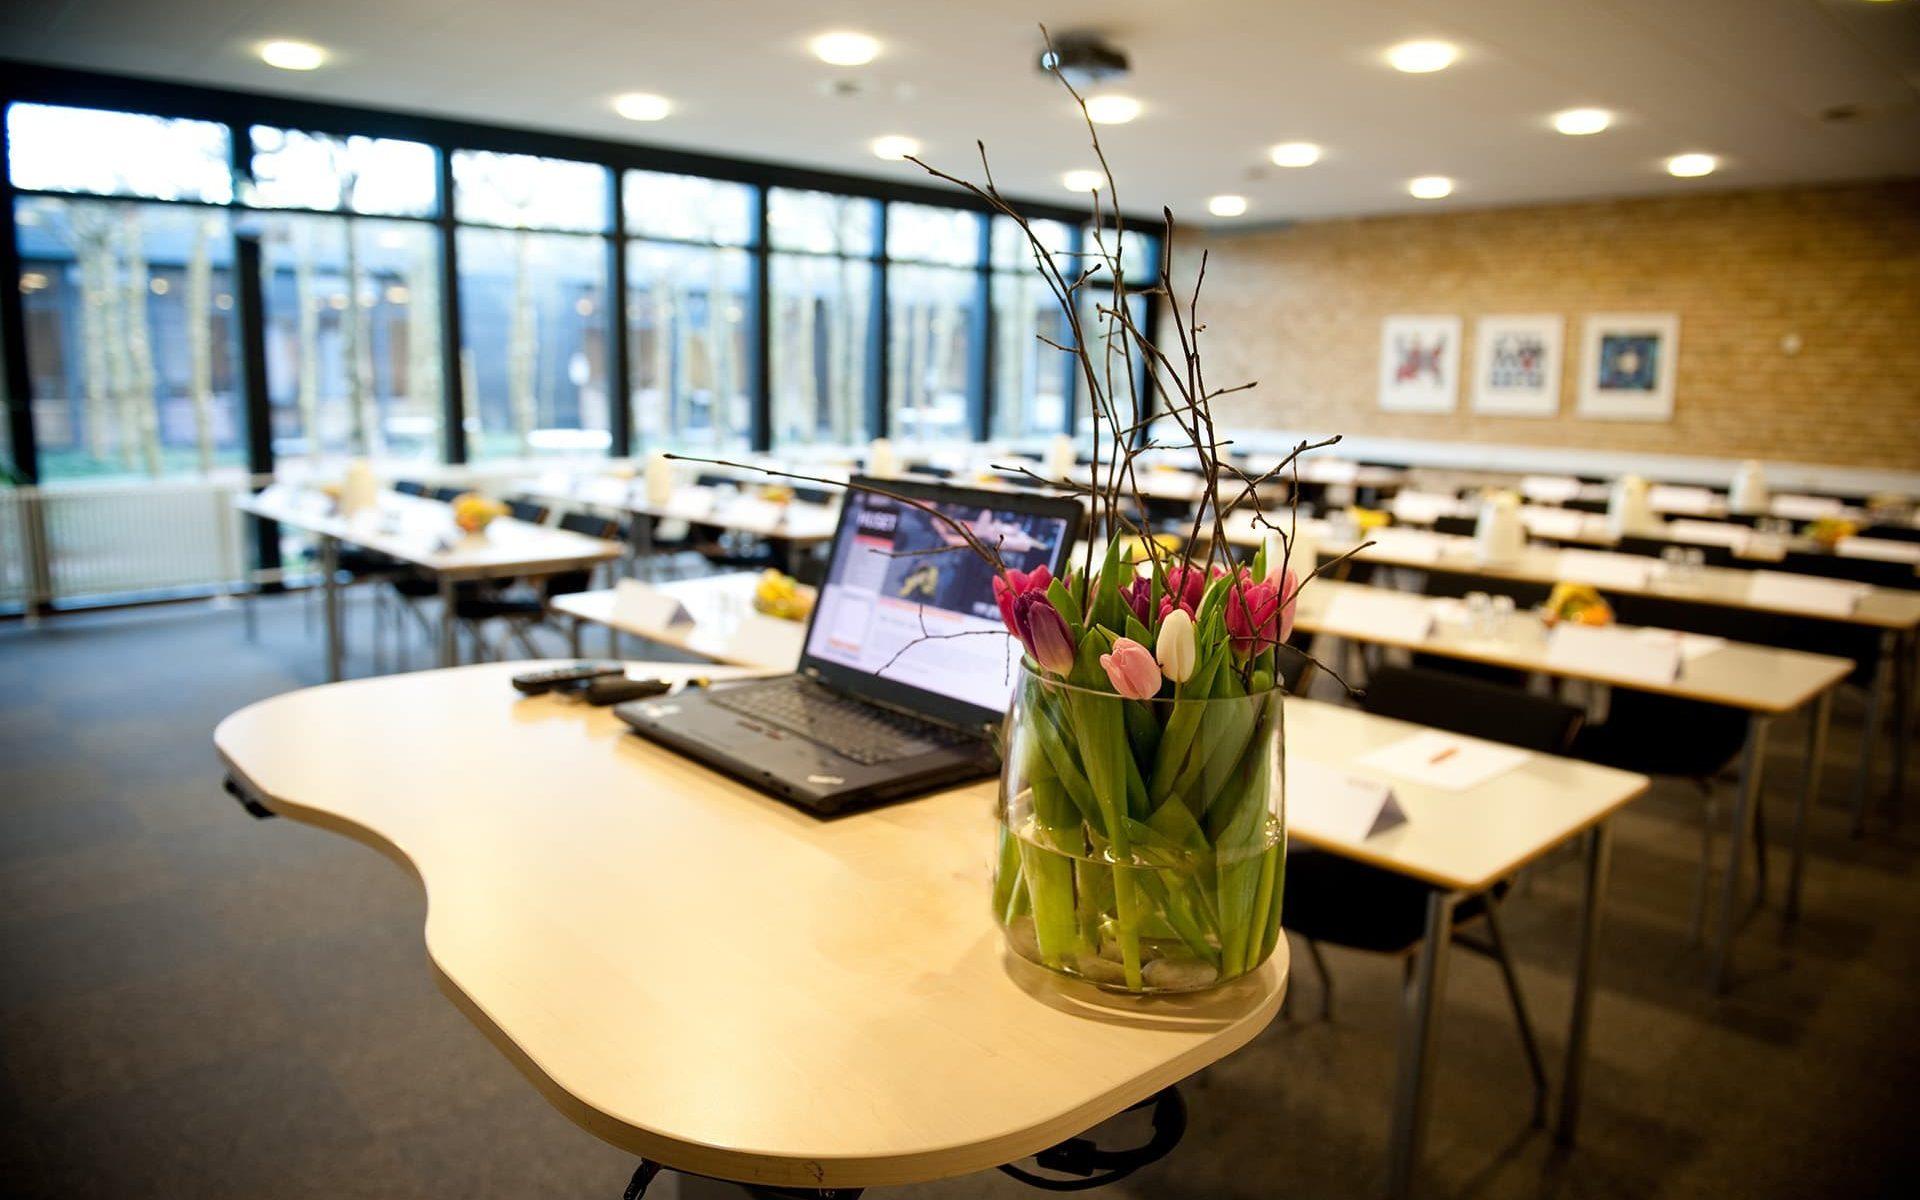 Find det ideelle kursuslokale på Fyn